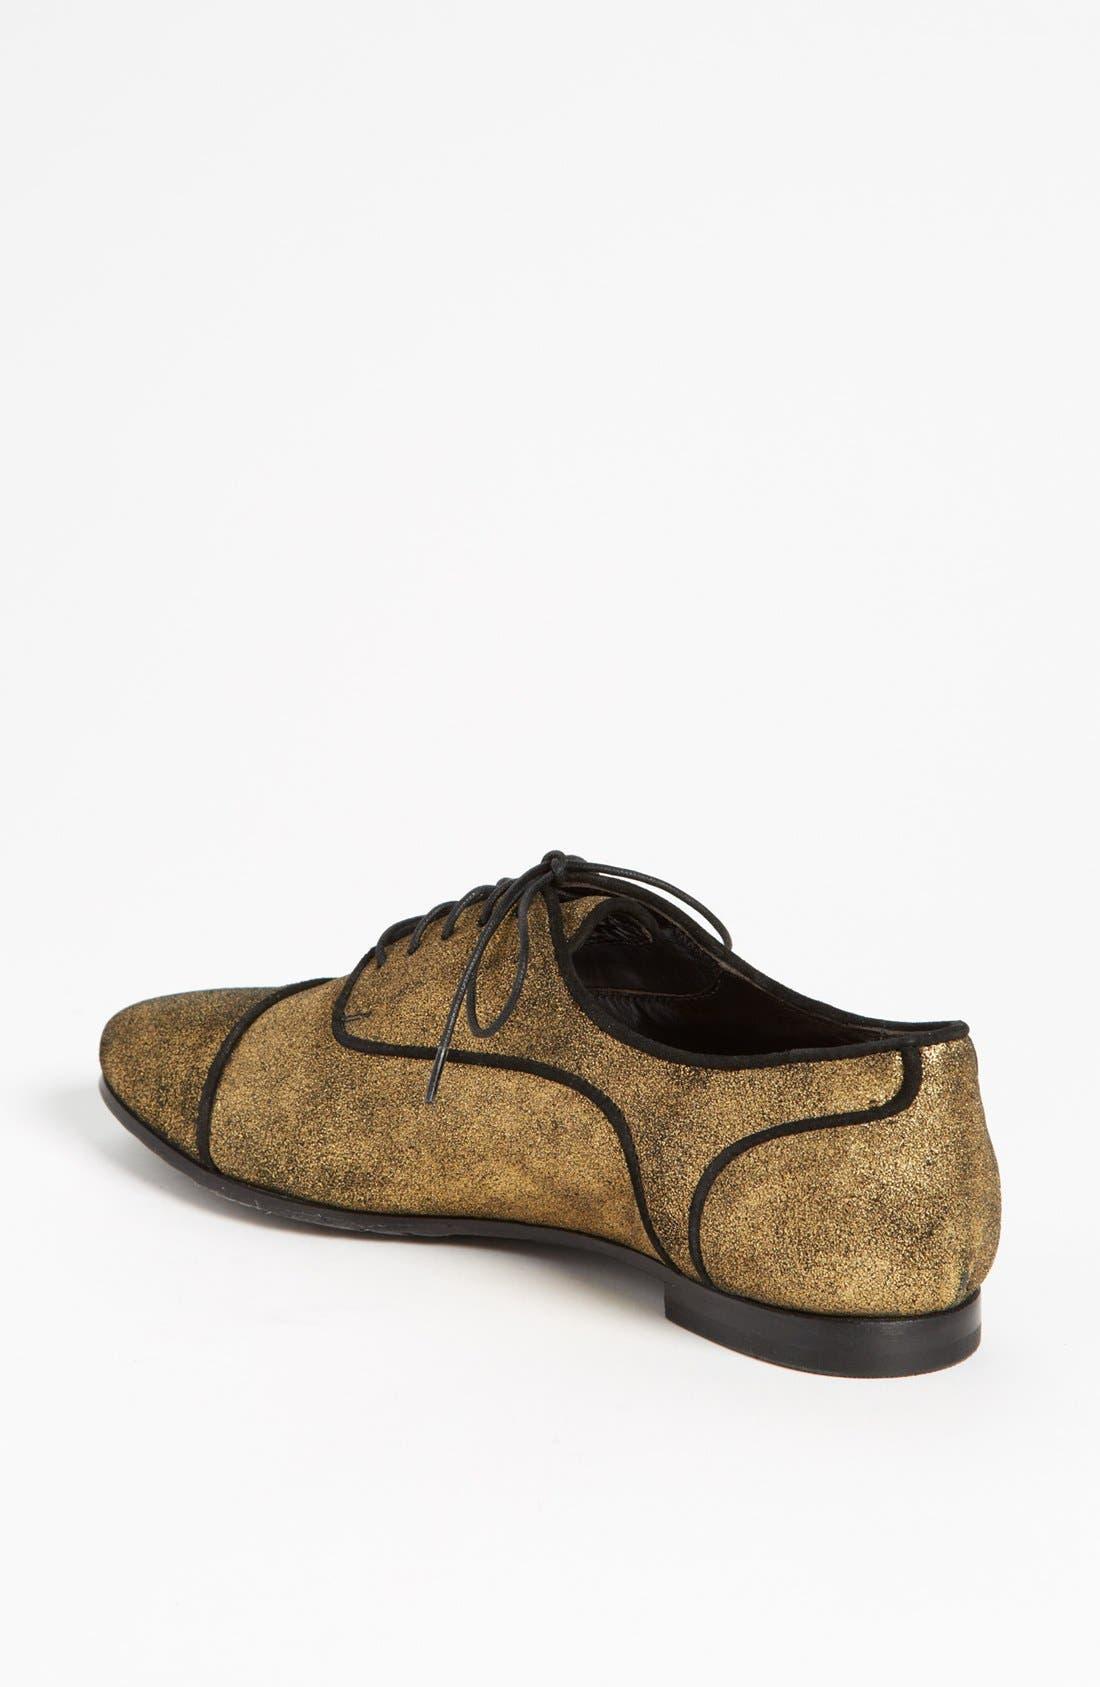 Alternate Image 2  - Attilio Giusti Leombruni 'Luxe Tie' Oxford